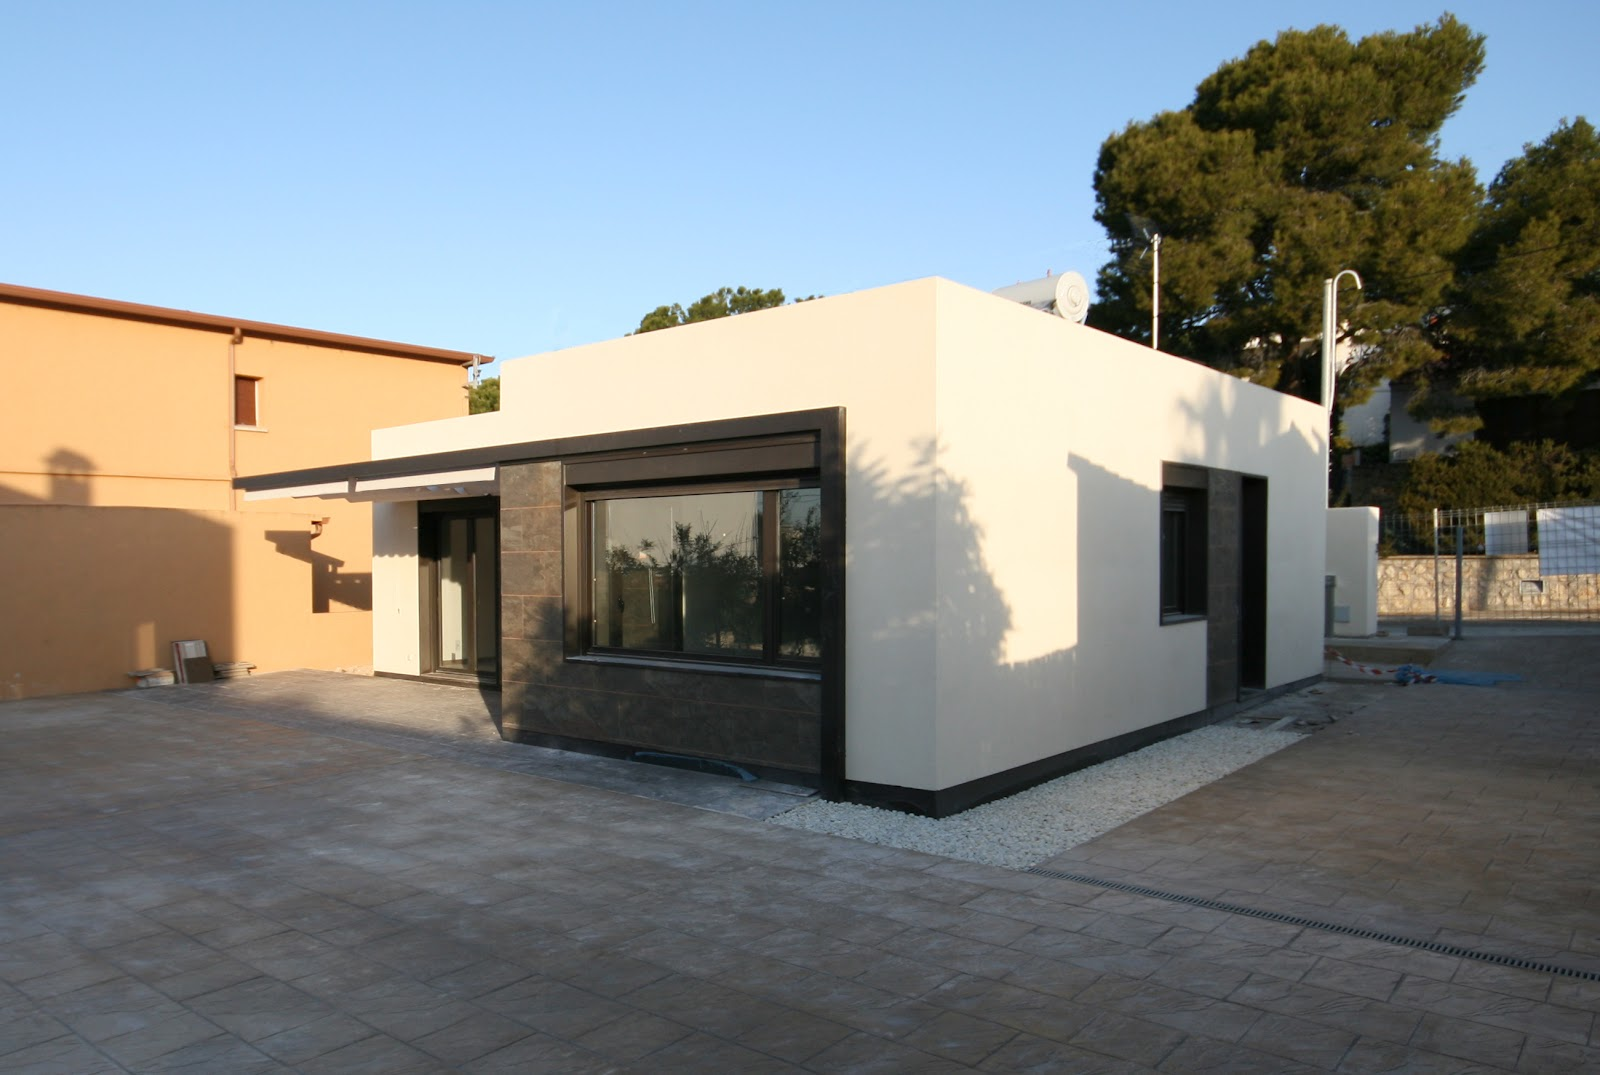 Casas prefabricadas hormigon - Casas modulares prefabricadas ...